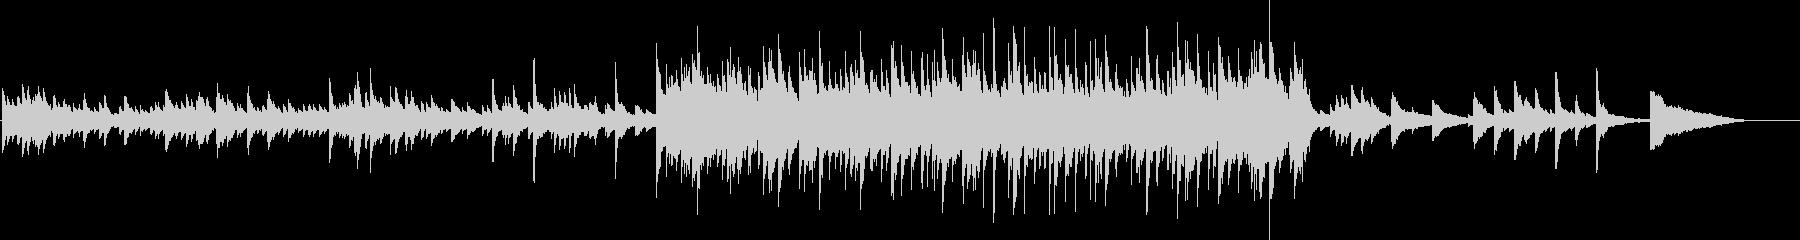 悲しい雰囲気のピアノバラードの未再生の波形